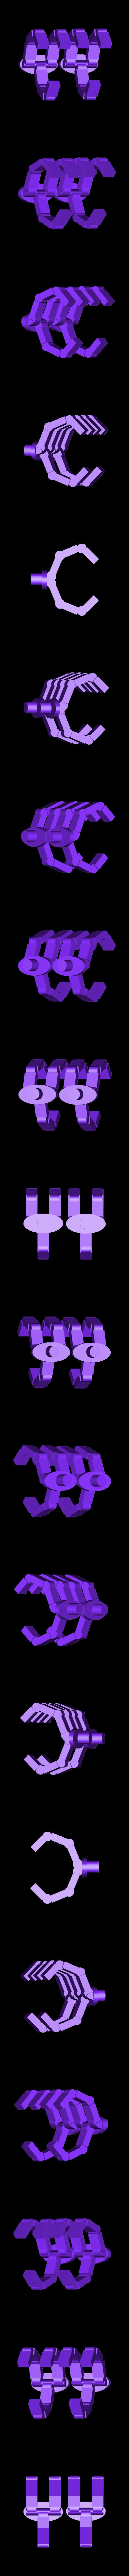 grabber claws.stl Télécharger fichier STL Ork Tank / Canon d'assaut 28mm optimisé pour FDM Printing • Modèle pour imprimante 3D, redstarkits